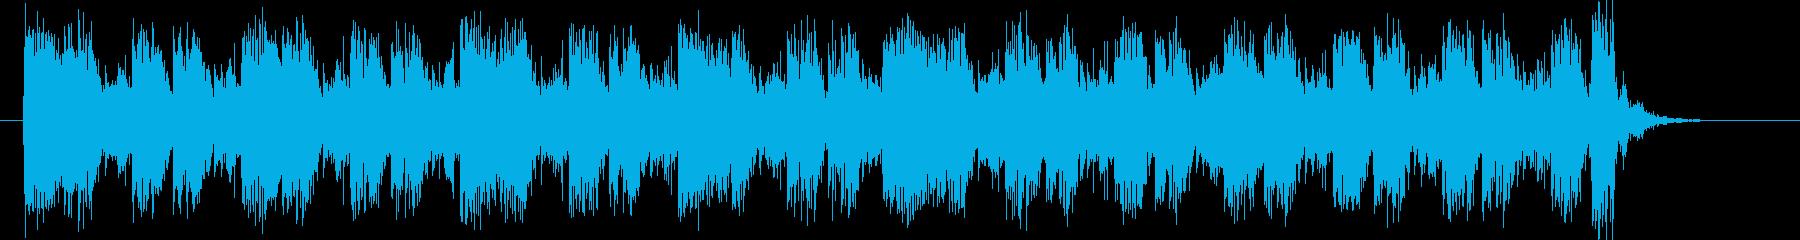 壮大で迫力あるシンセビートジングルの再生済みの波形